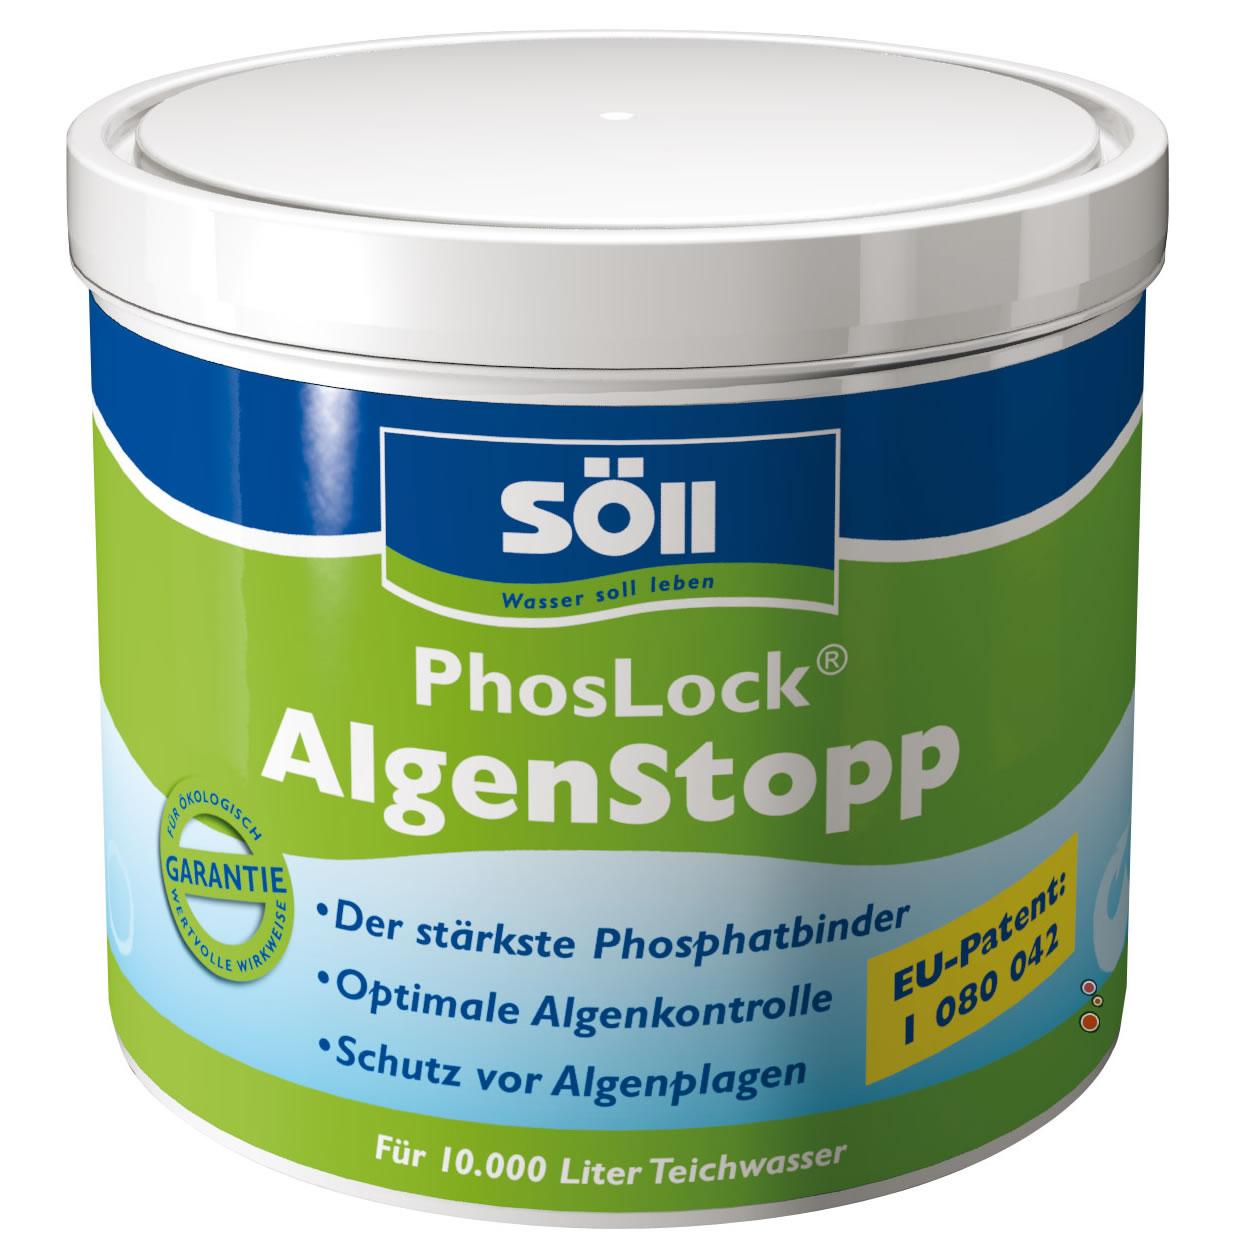 Söll PhosLock® AlgenStopp